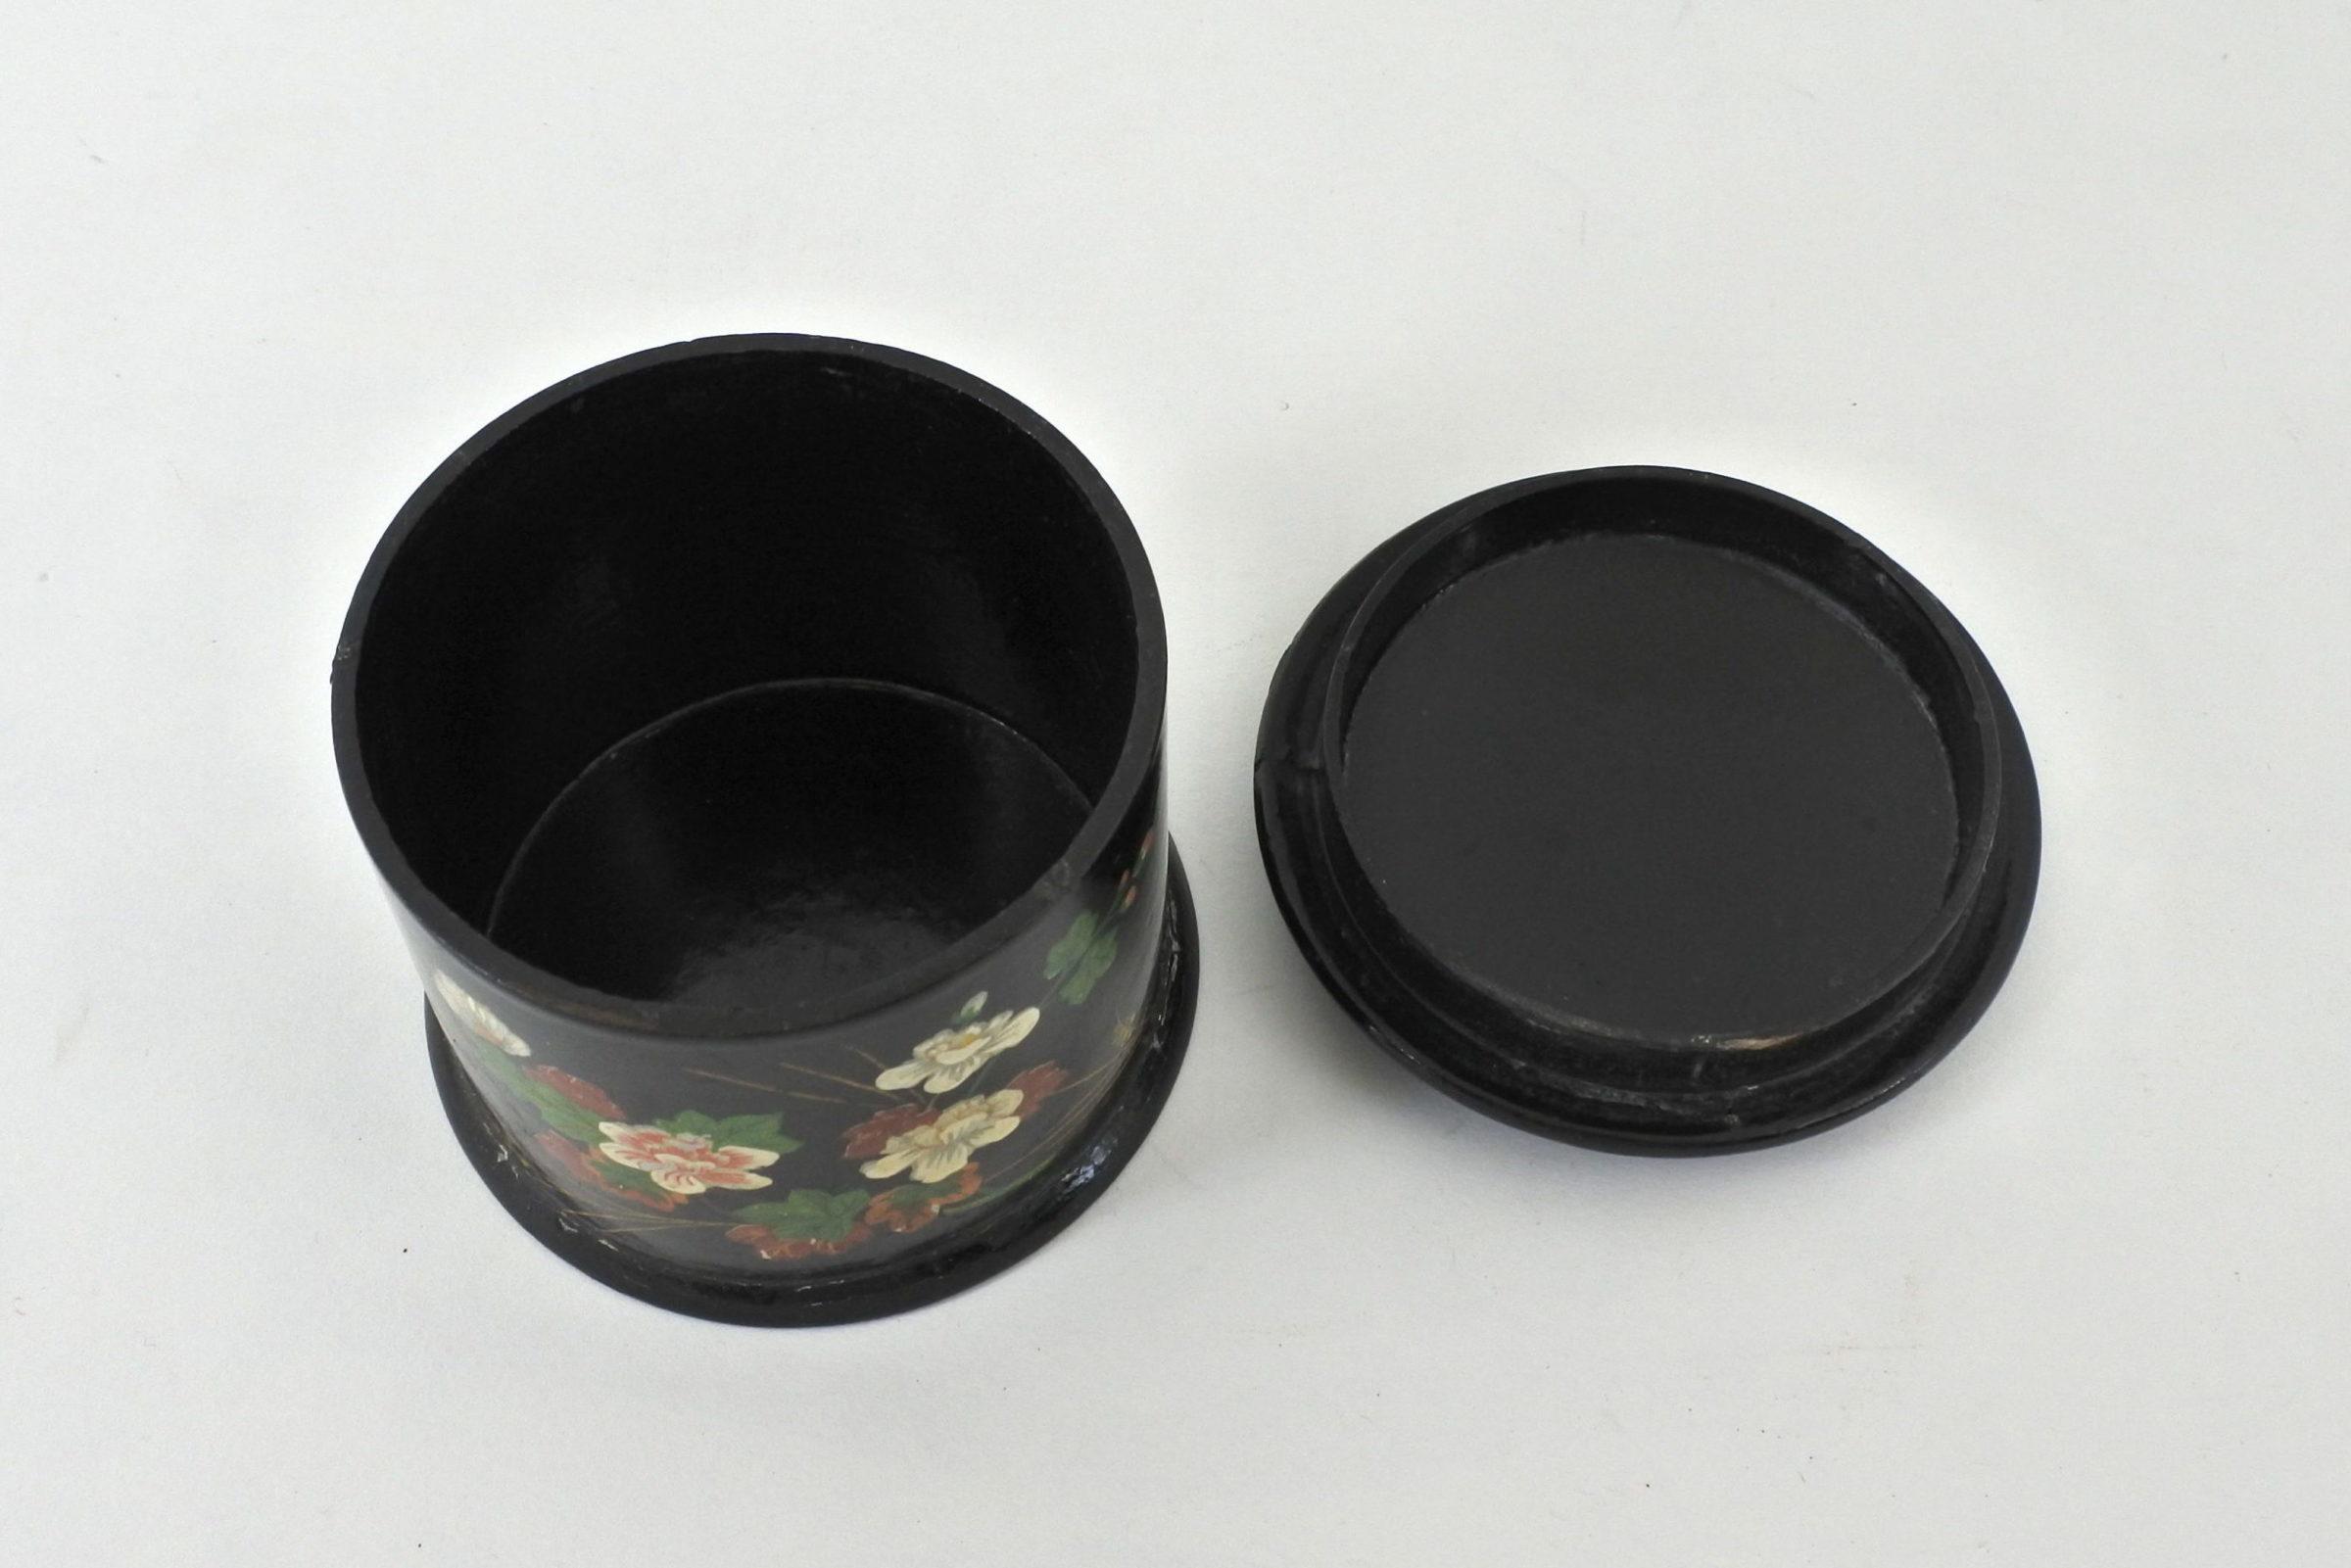 Scatola in papier mache laccata nera con decorazione floreale - 2